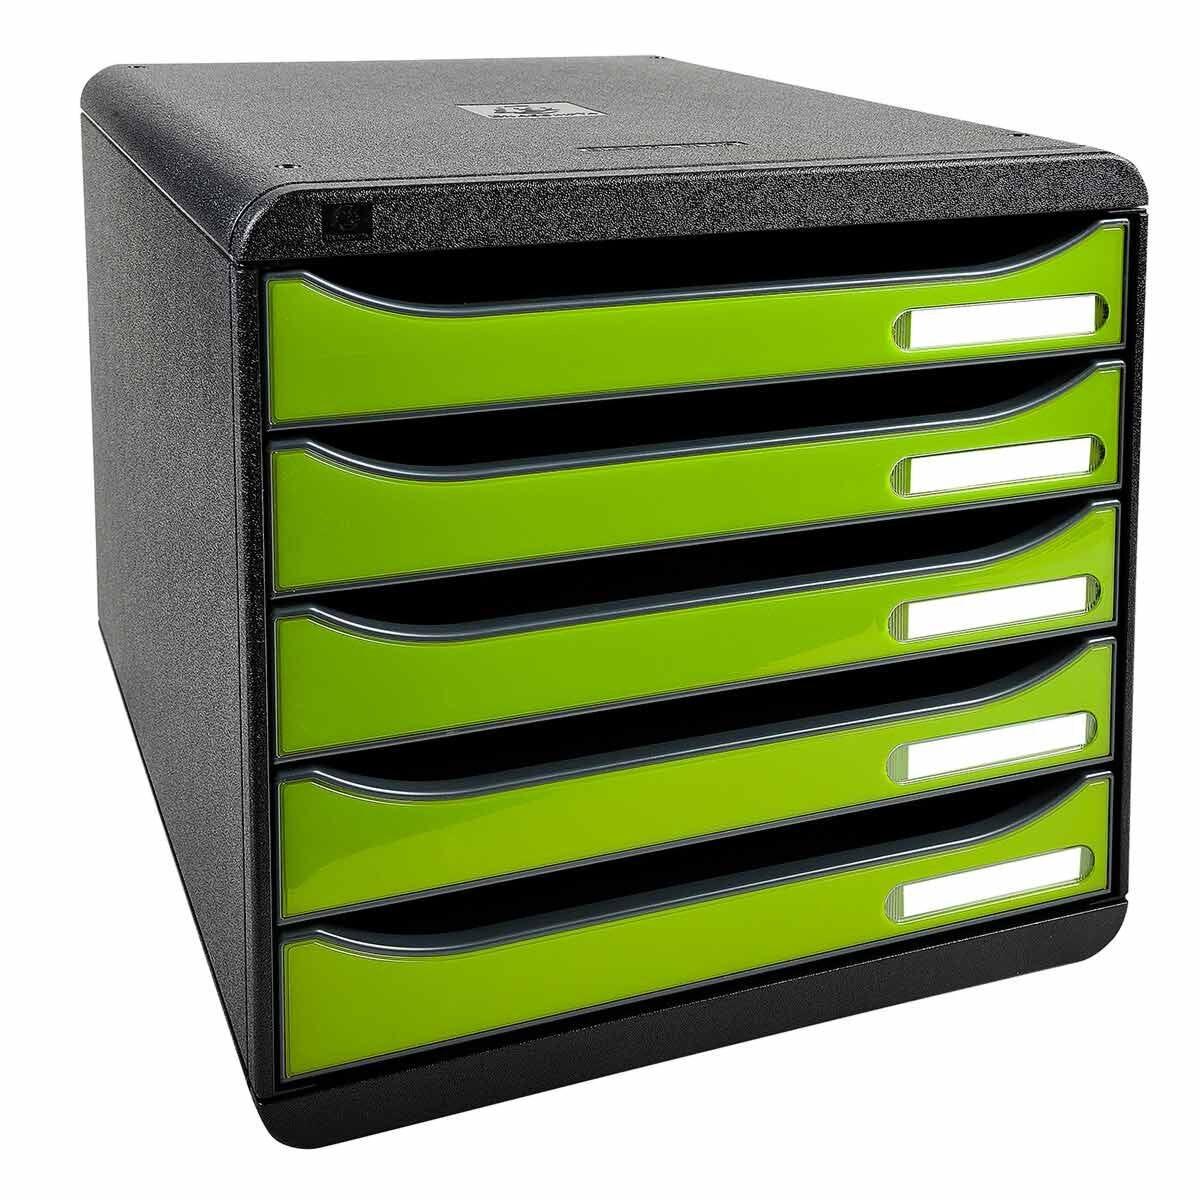 Exacompta BIG-BOX PLUS Iderama 5 Drawer Unit Green